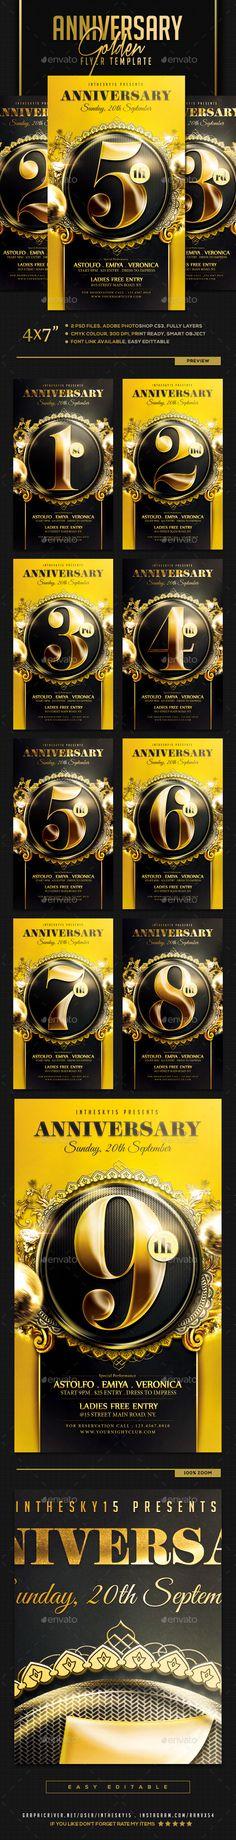 Golden Anniversary Flyer Template PSD